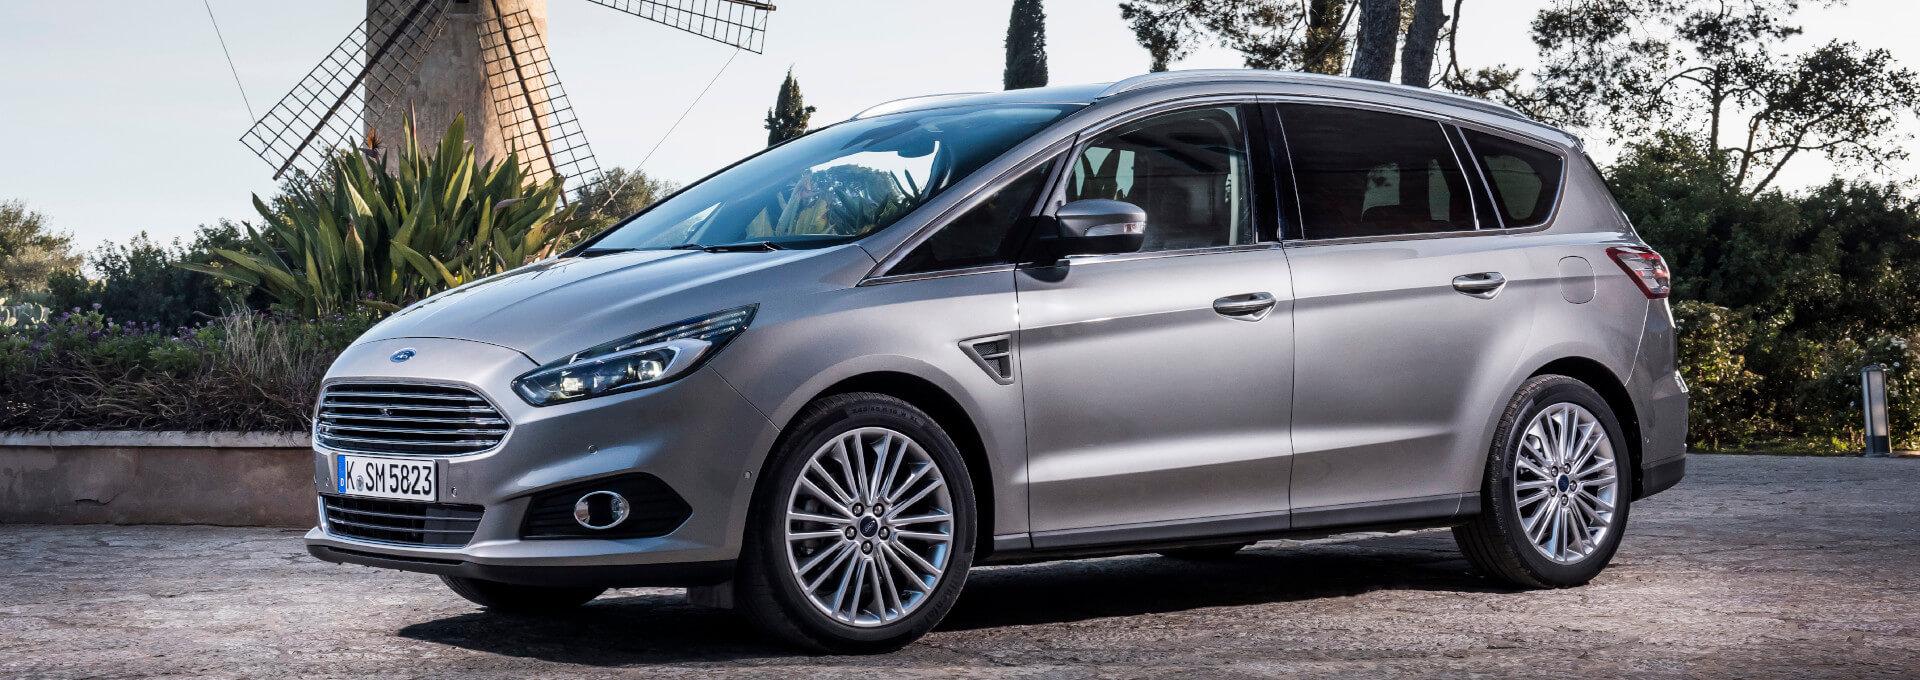 S-Max silberner Ford Van